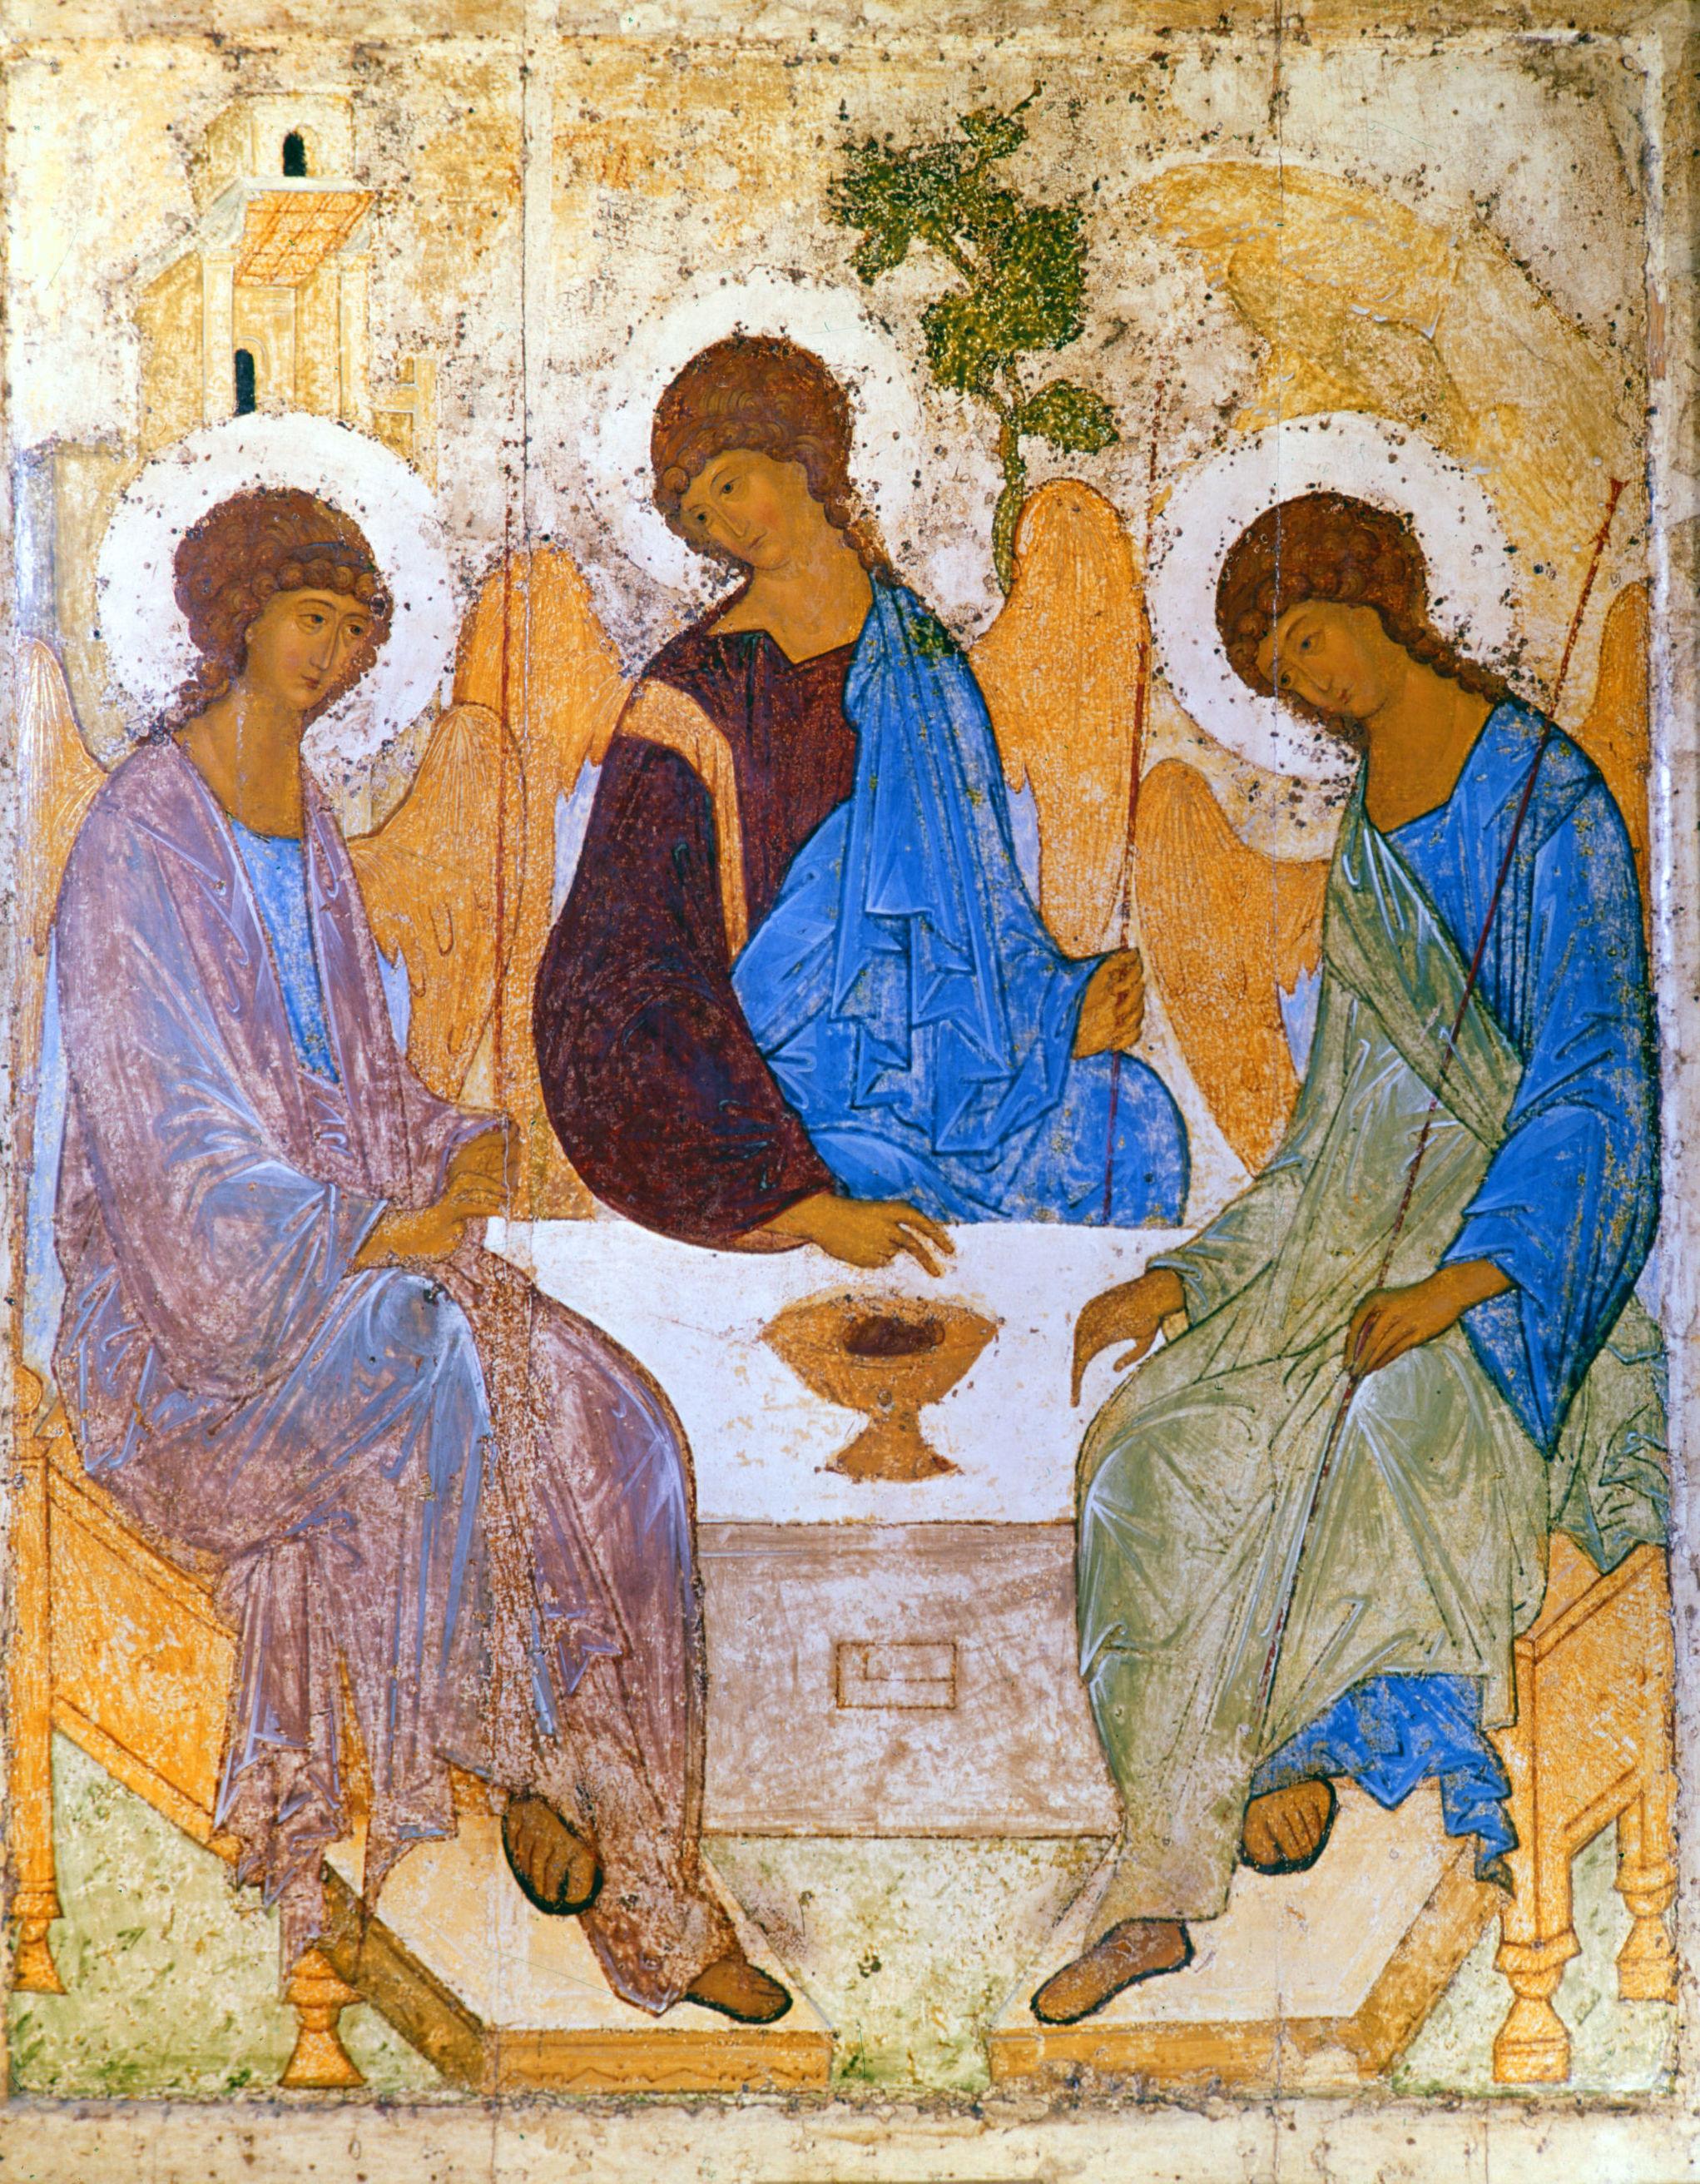 Seo заголовок: икона святой троицы | 10 икон святой троицы, значение